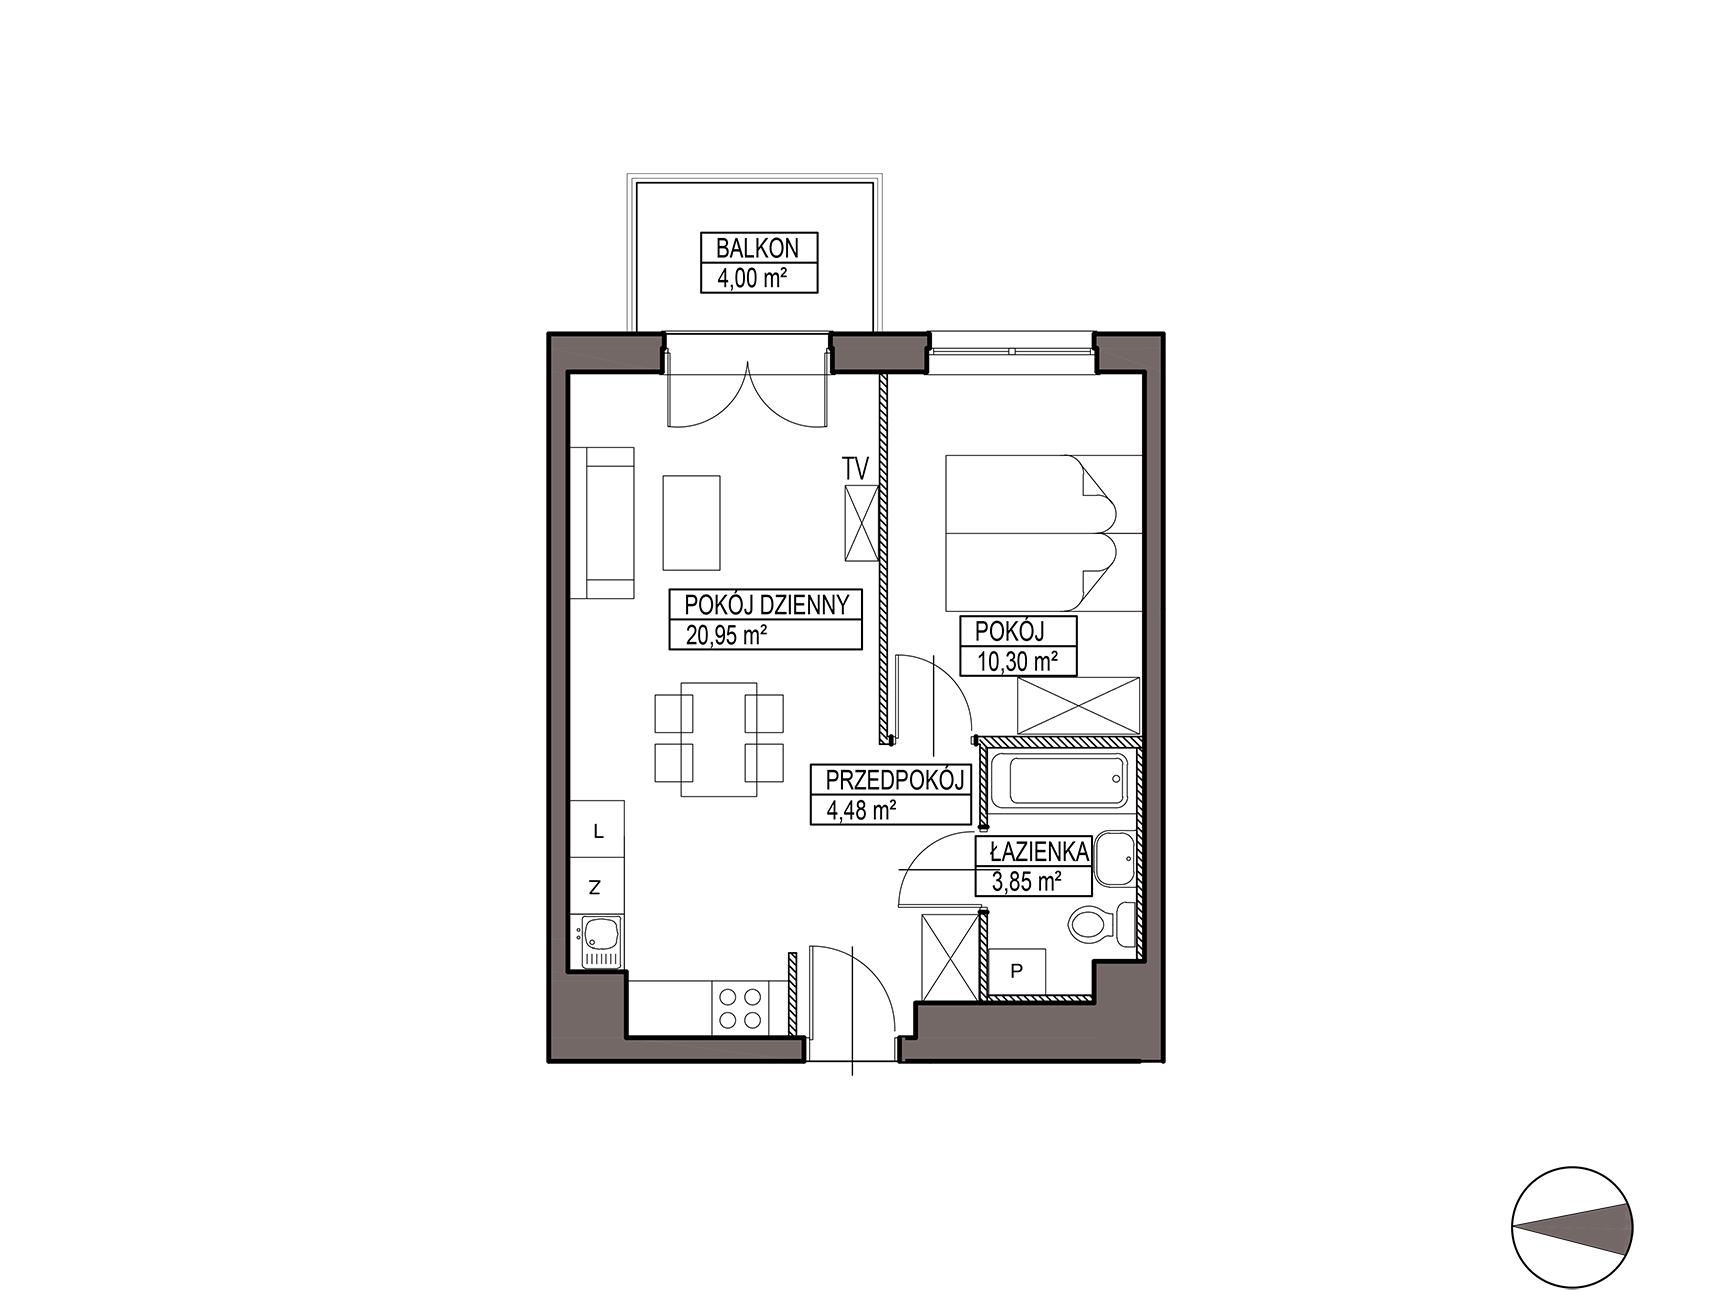 Uroczysko III / budynek 6 / mieszkanie H/3/33 rzut 1